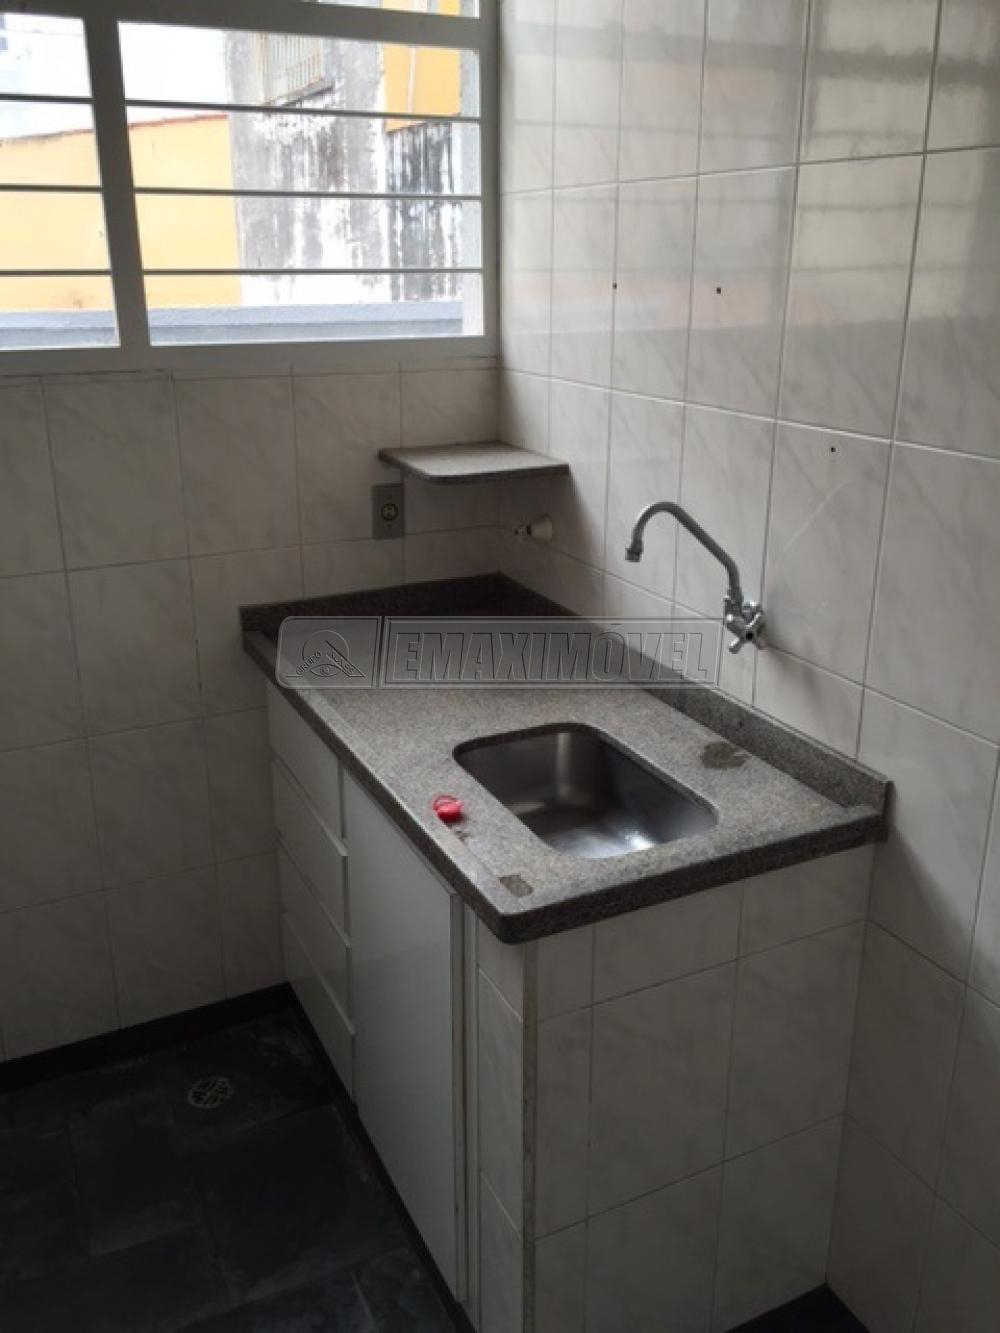 Alugar Casas / Comerciais em Sorocaba apenas R$ 4.500,00 - Foto 7